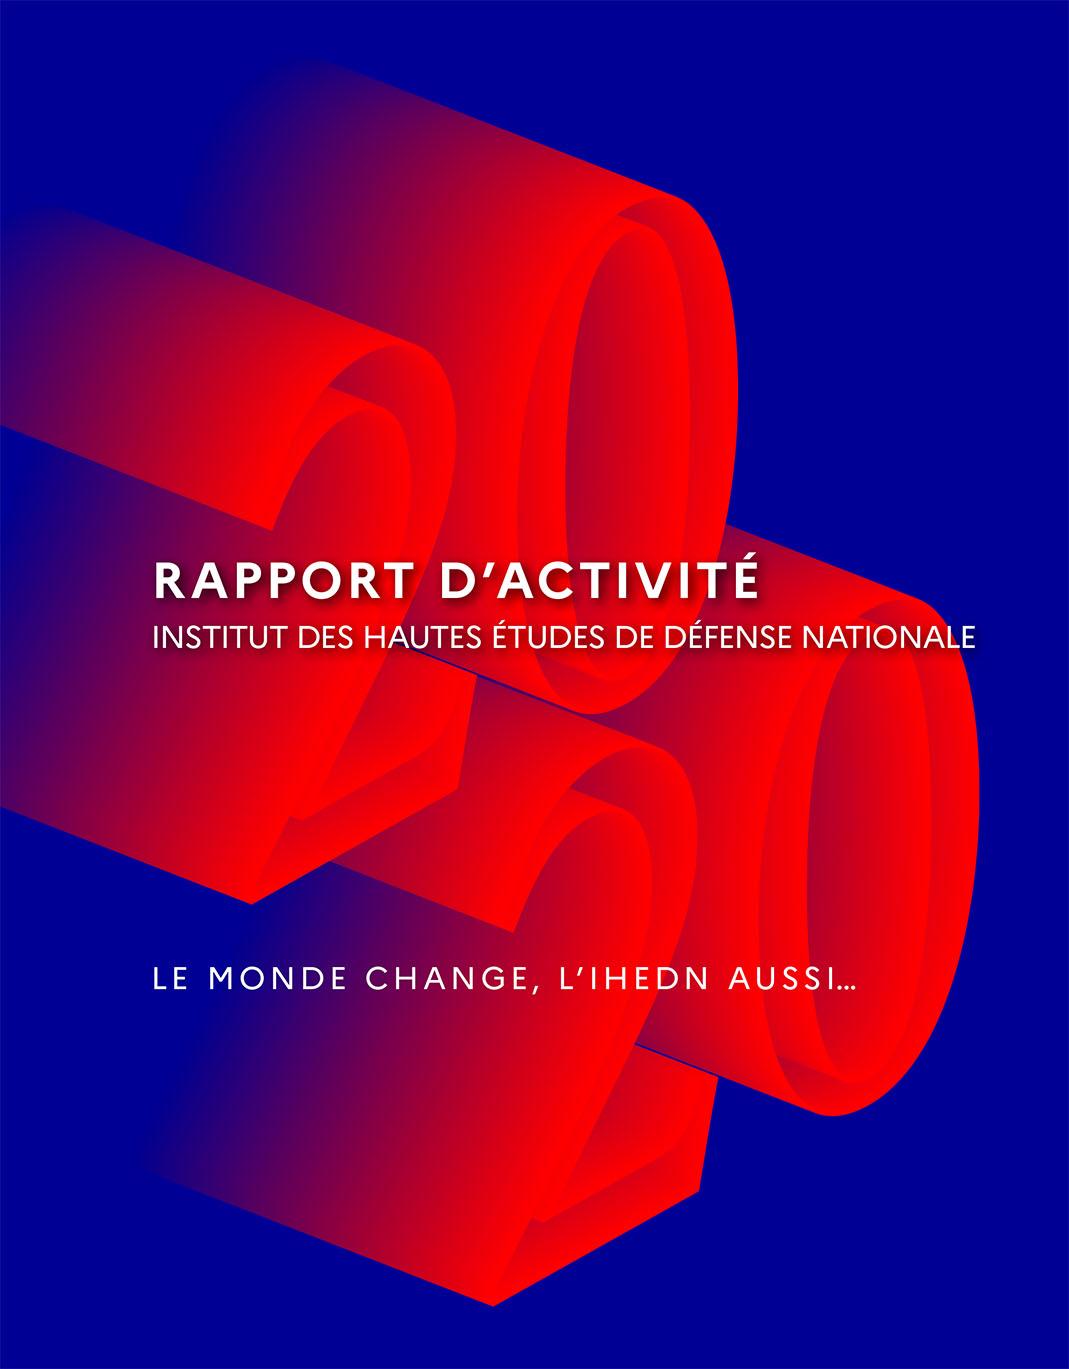 https://ihedn.fr/wp-content/uploads/2021/04/IHEDN-RAPPORT-ACTIVITE-2020-1.pdf